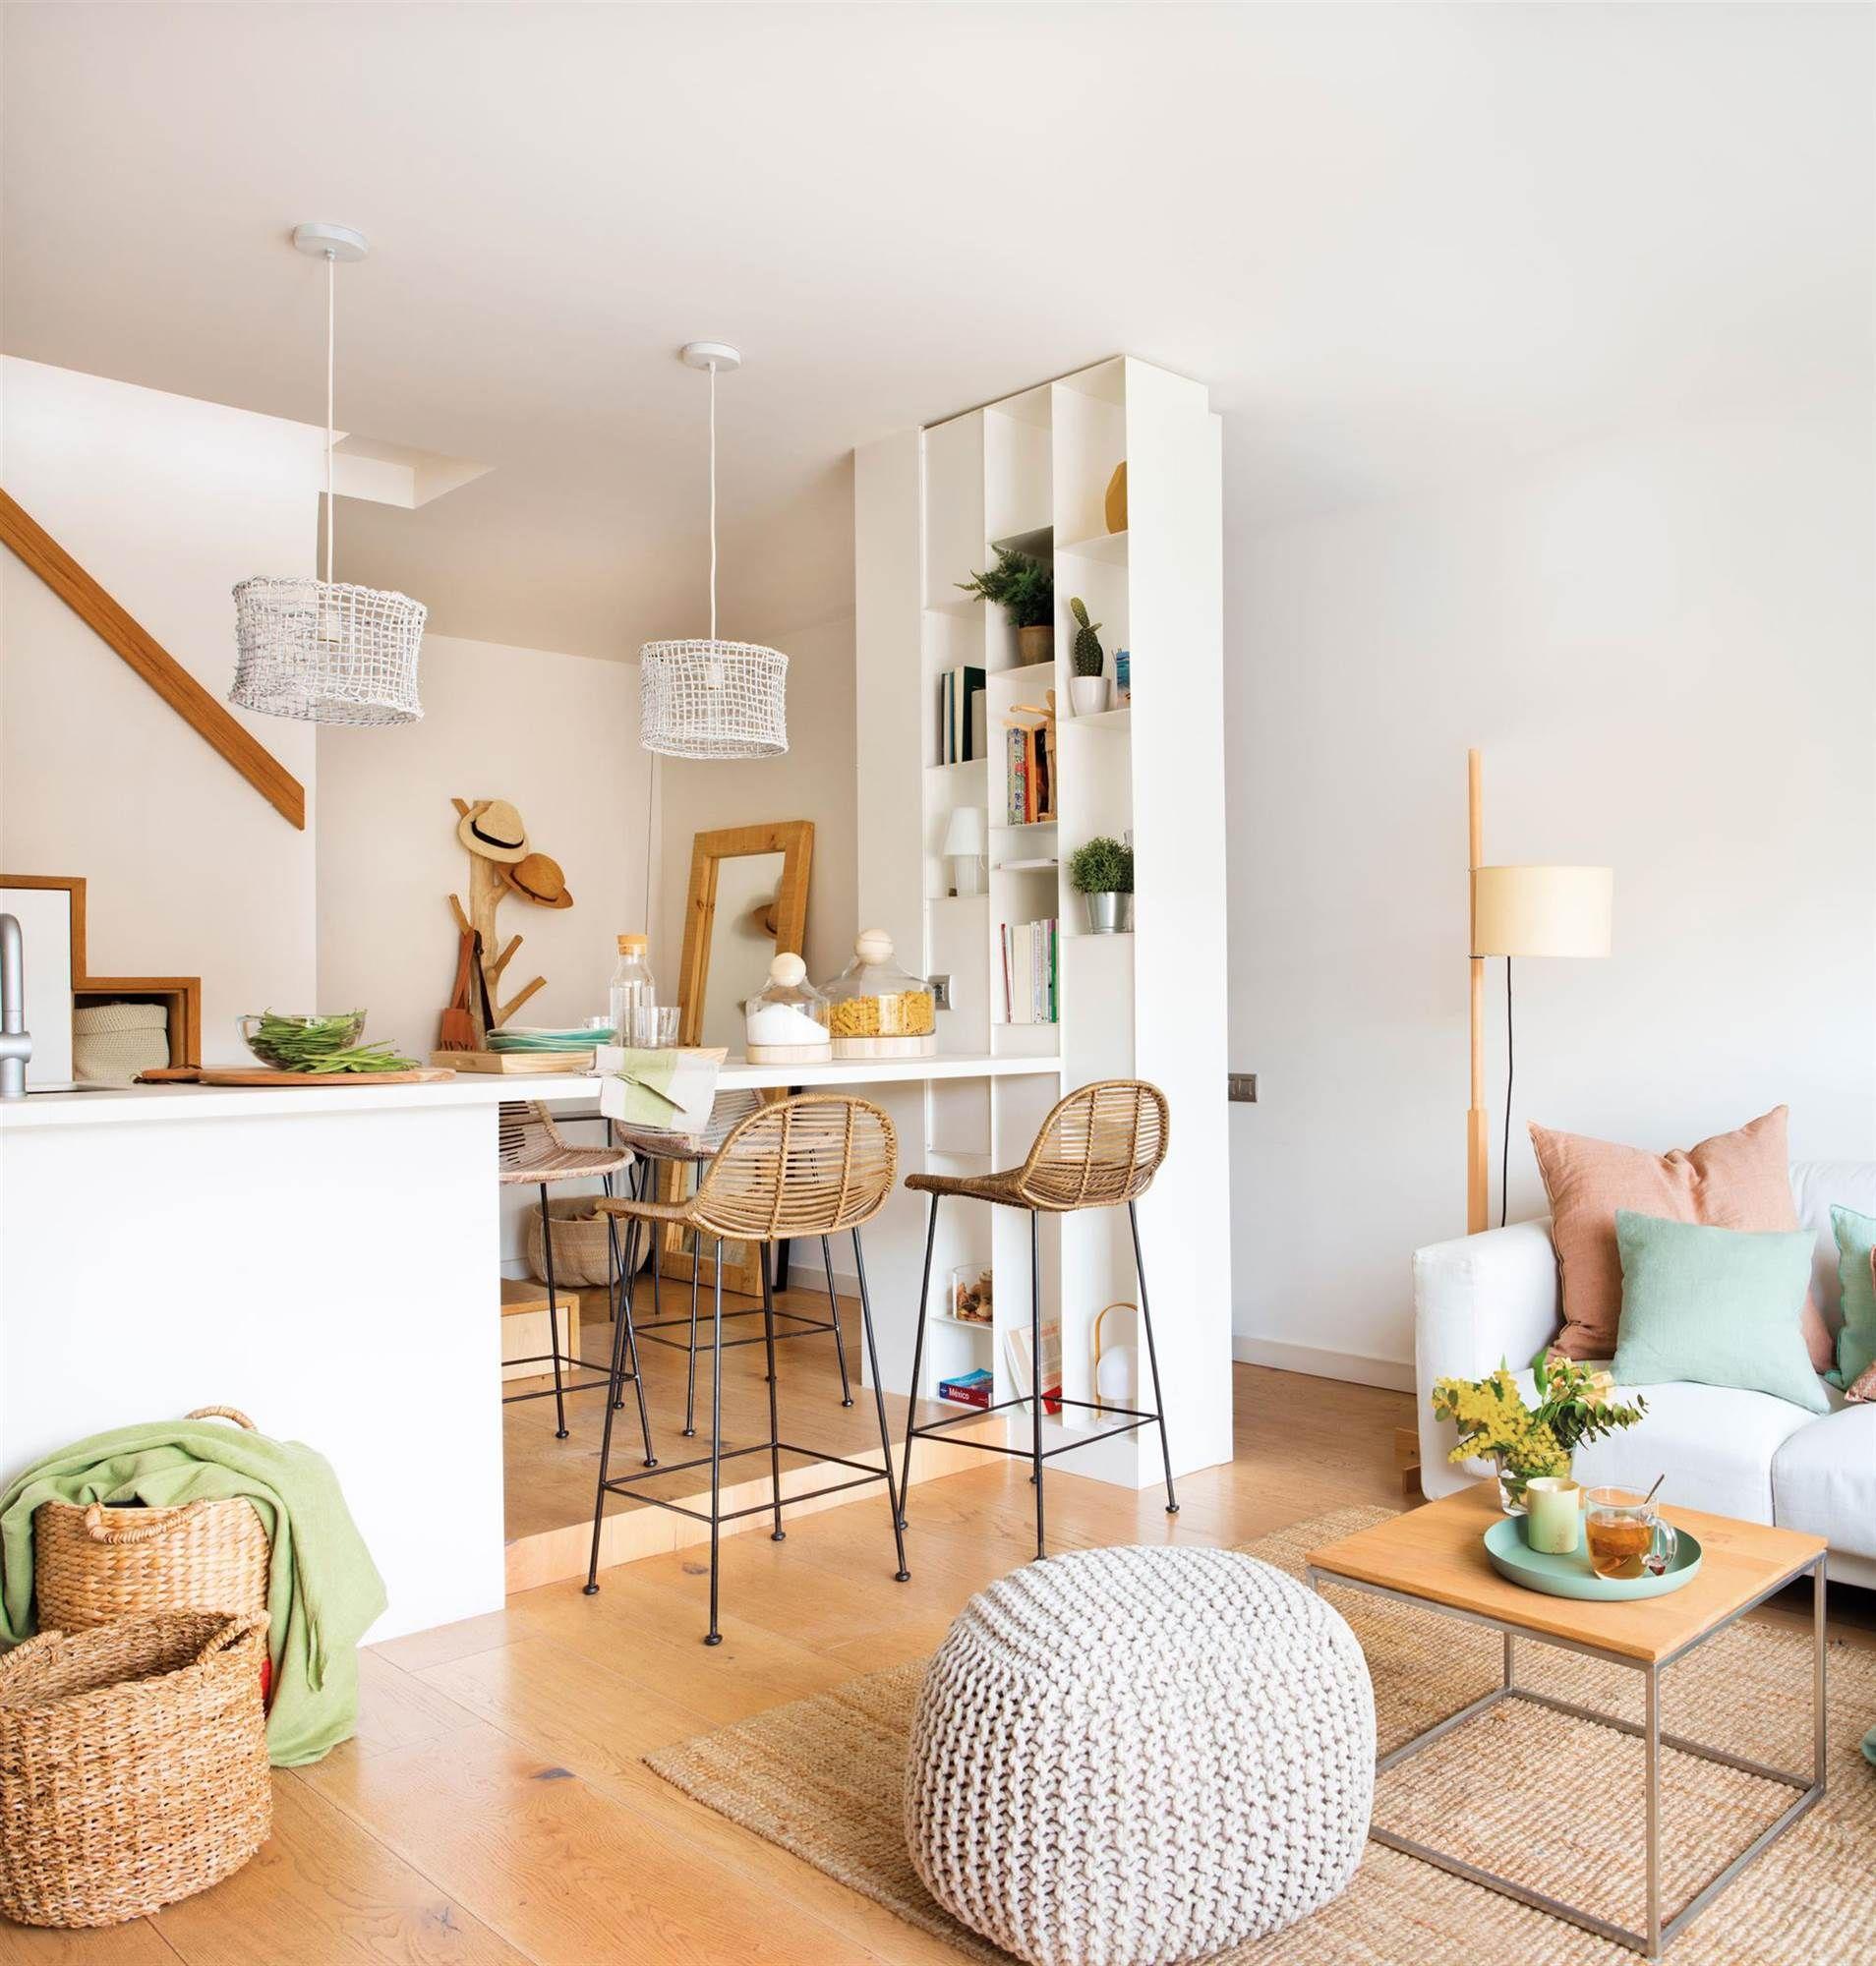 19 salones pequeños que no lo parecen  Cocinas abiertas al